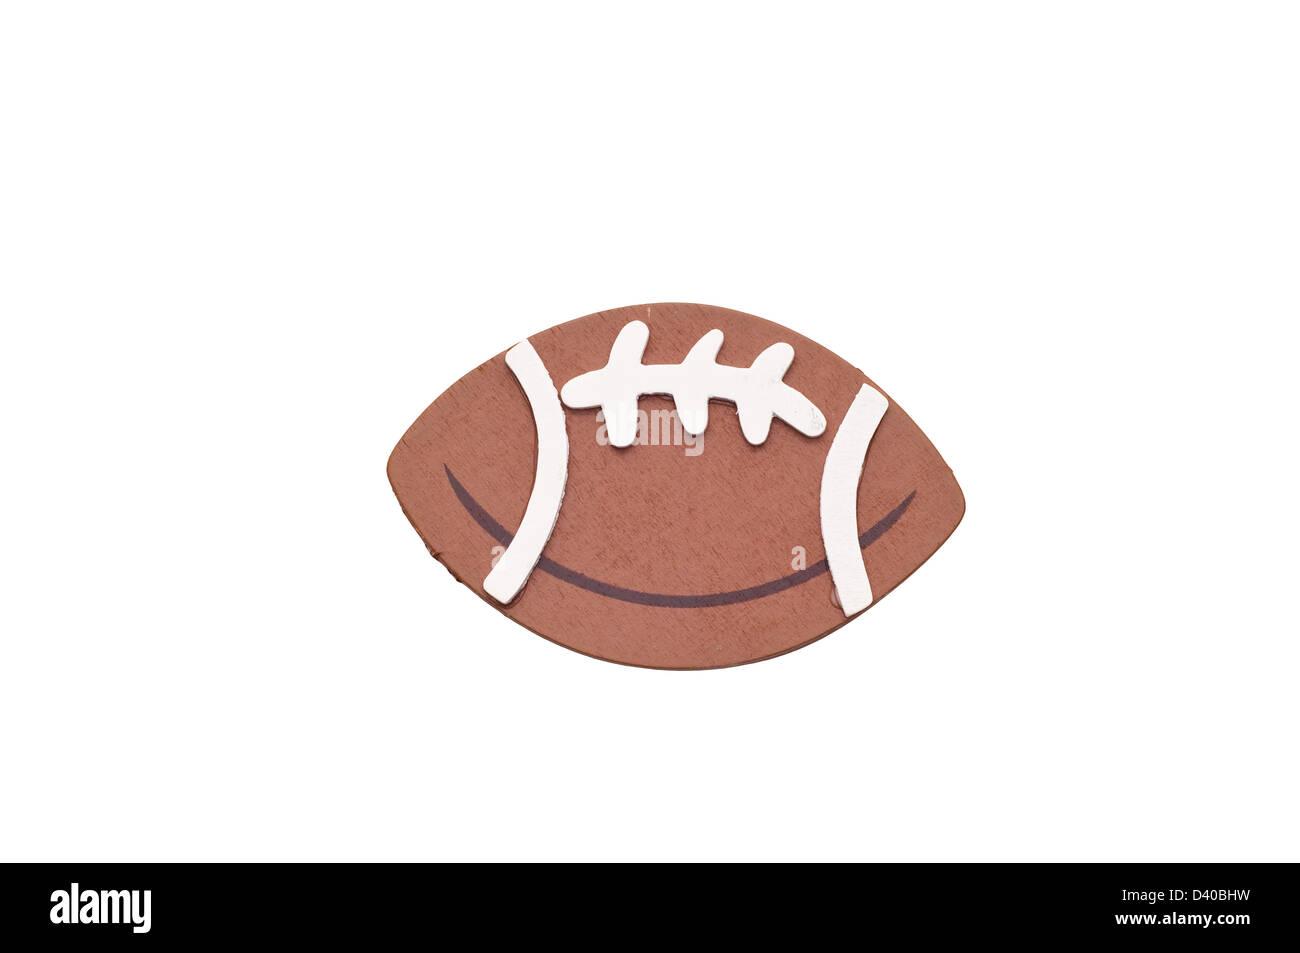 3d il football americano isolato su sfondo bianco. Immagini Stock